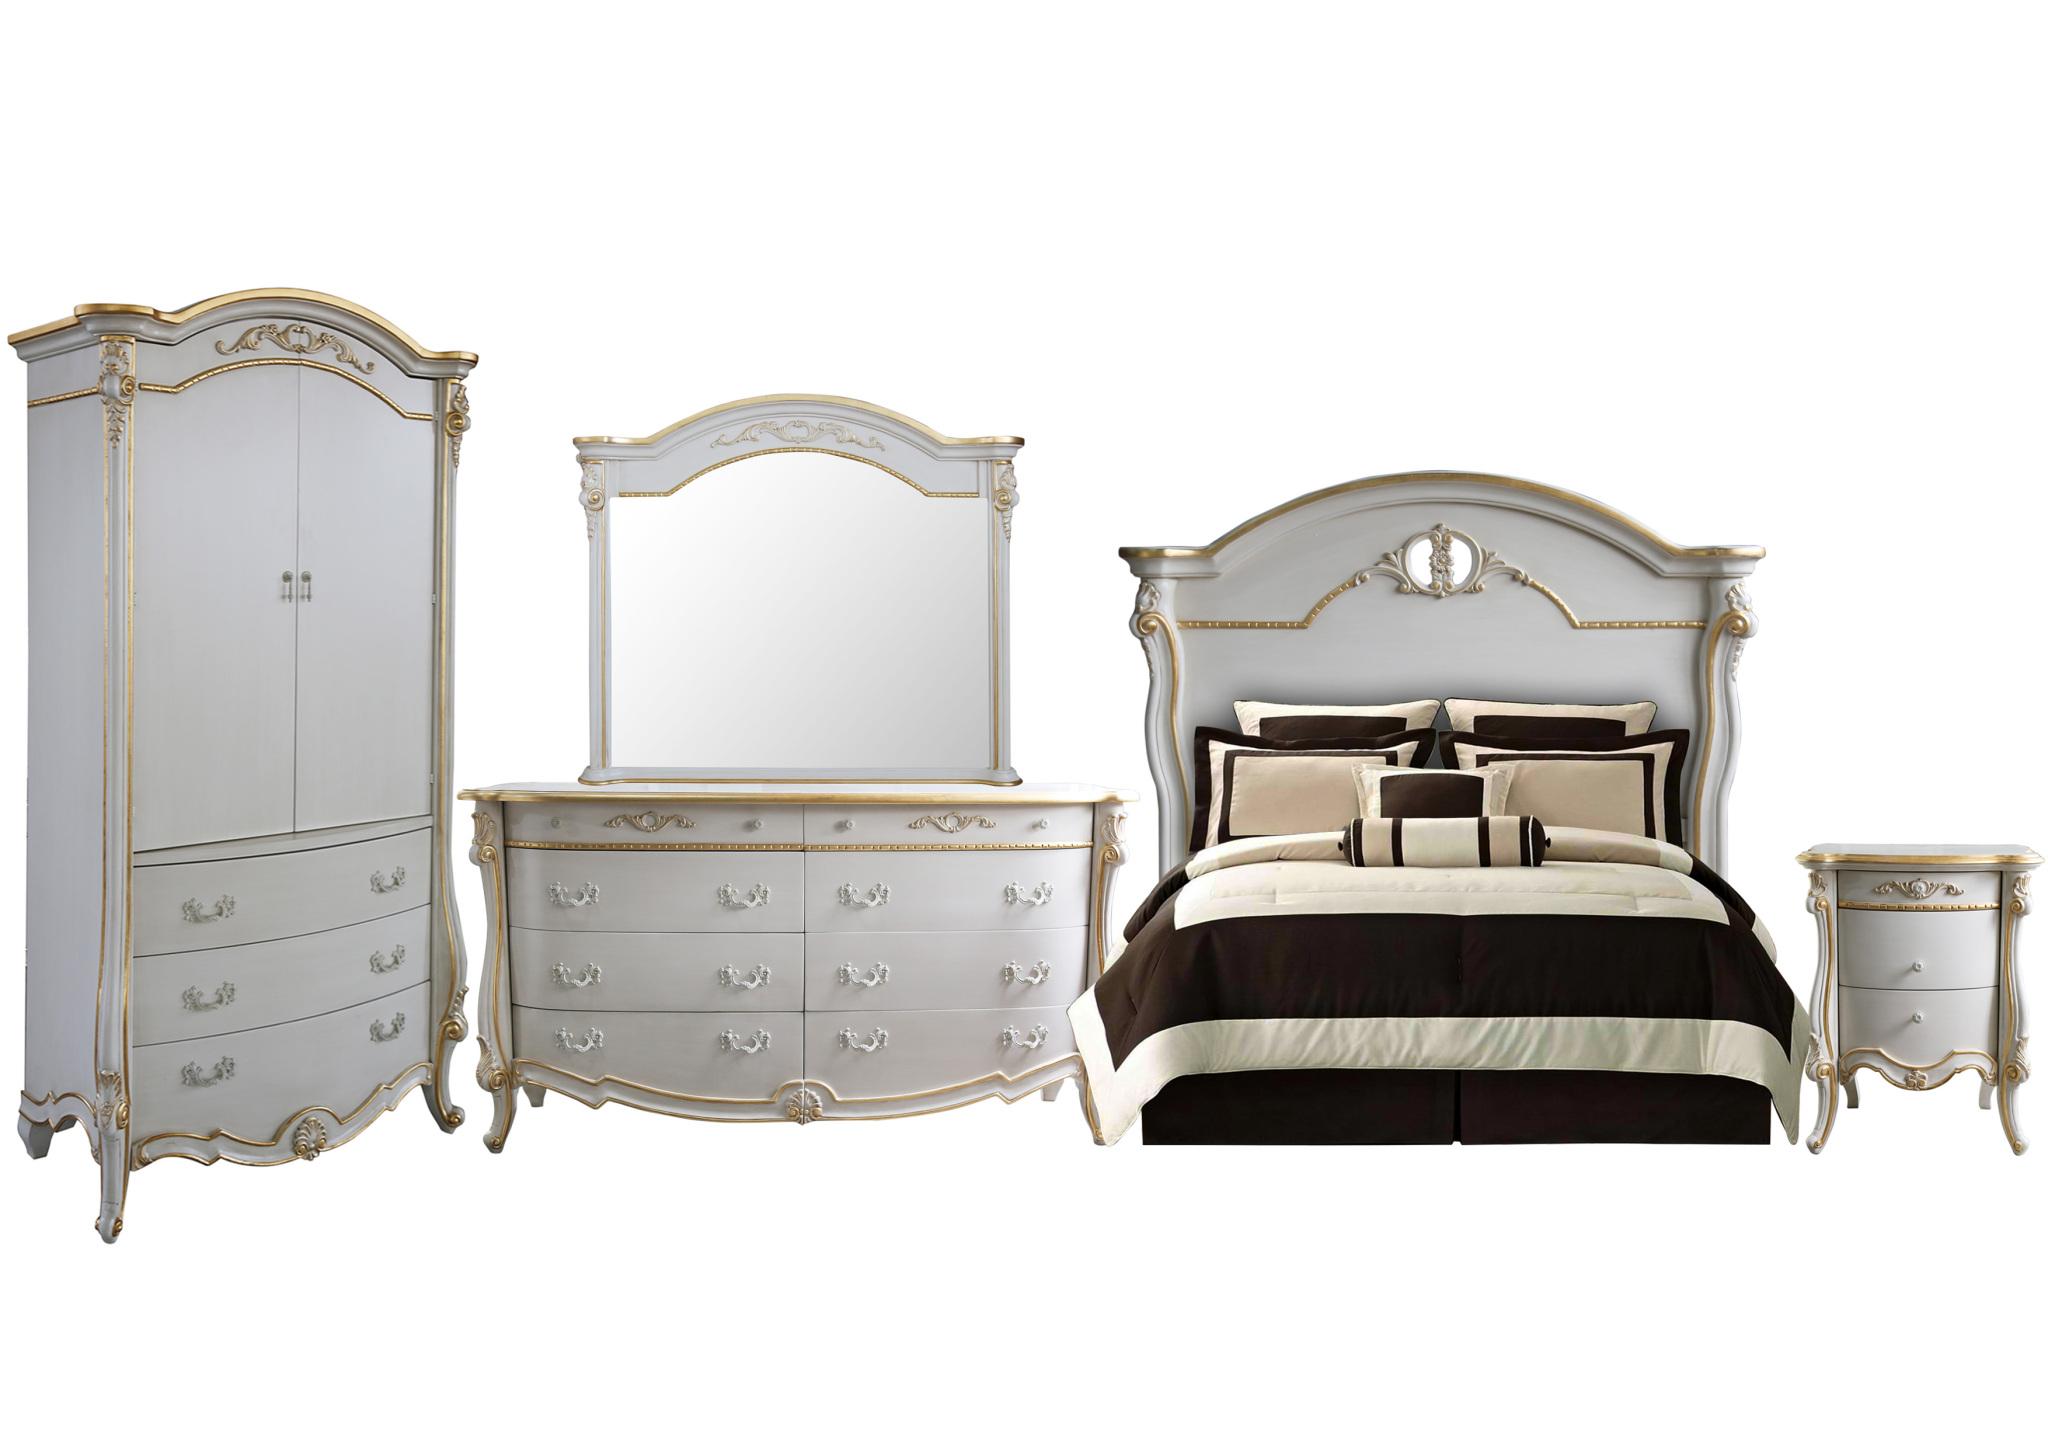 Rachel bedroom set complete bedroom sets for sale for Complete bedroom sets for sale